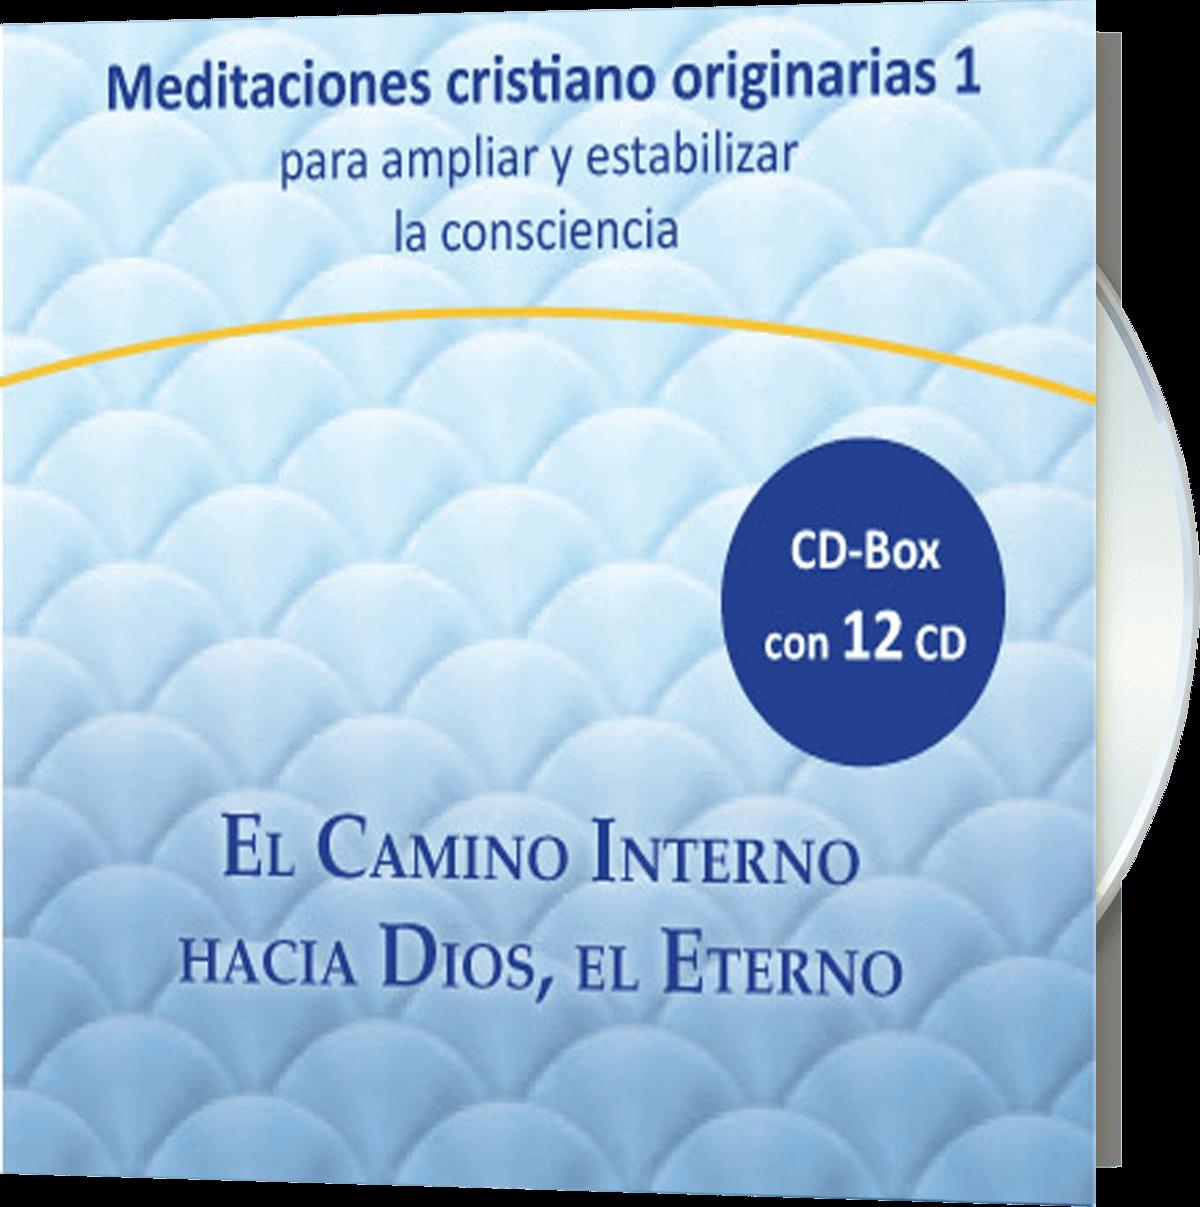 Meditaciones cristiano-originarias 1 El Camino Interno hacia Dios, el Eterno